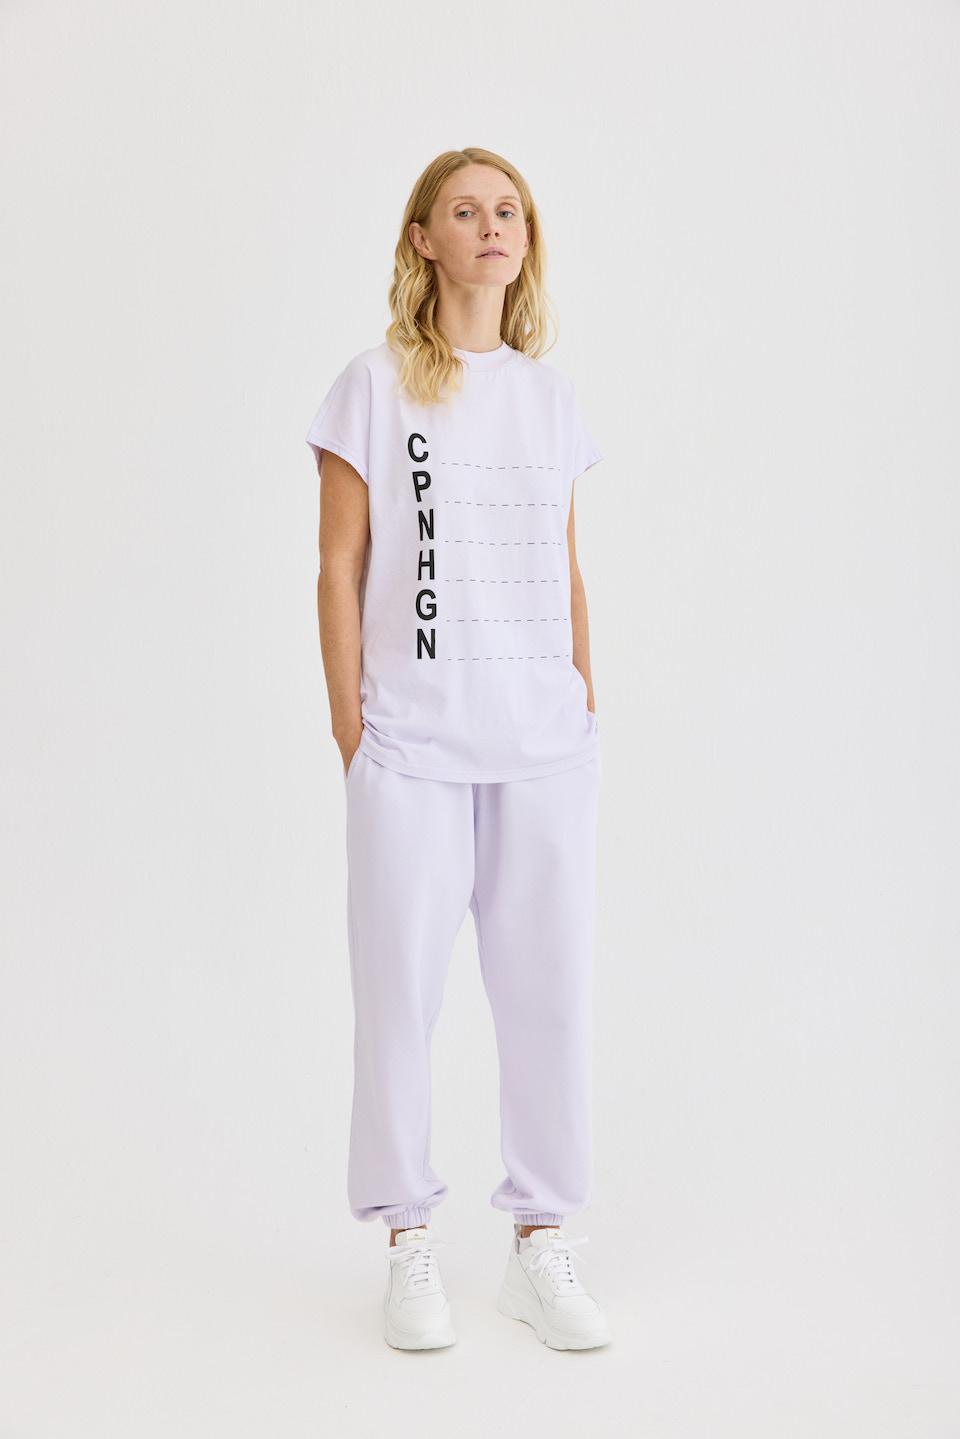 CPH Shirt 4 org. cotton lavender